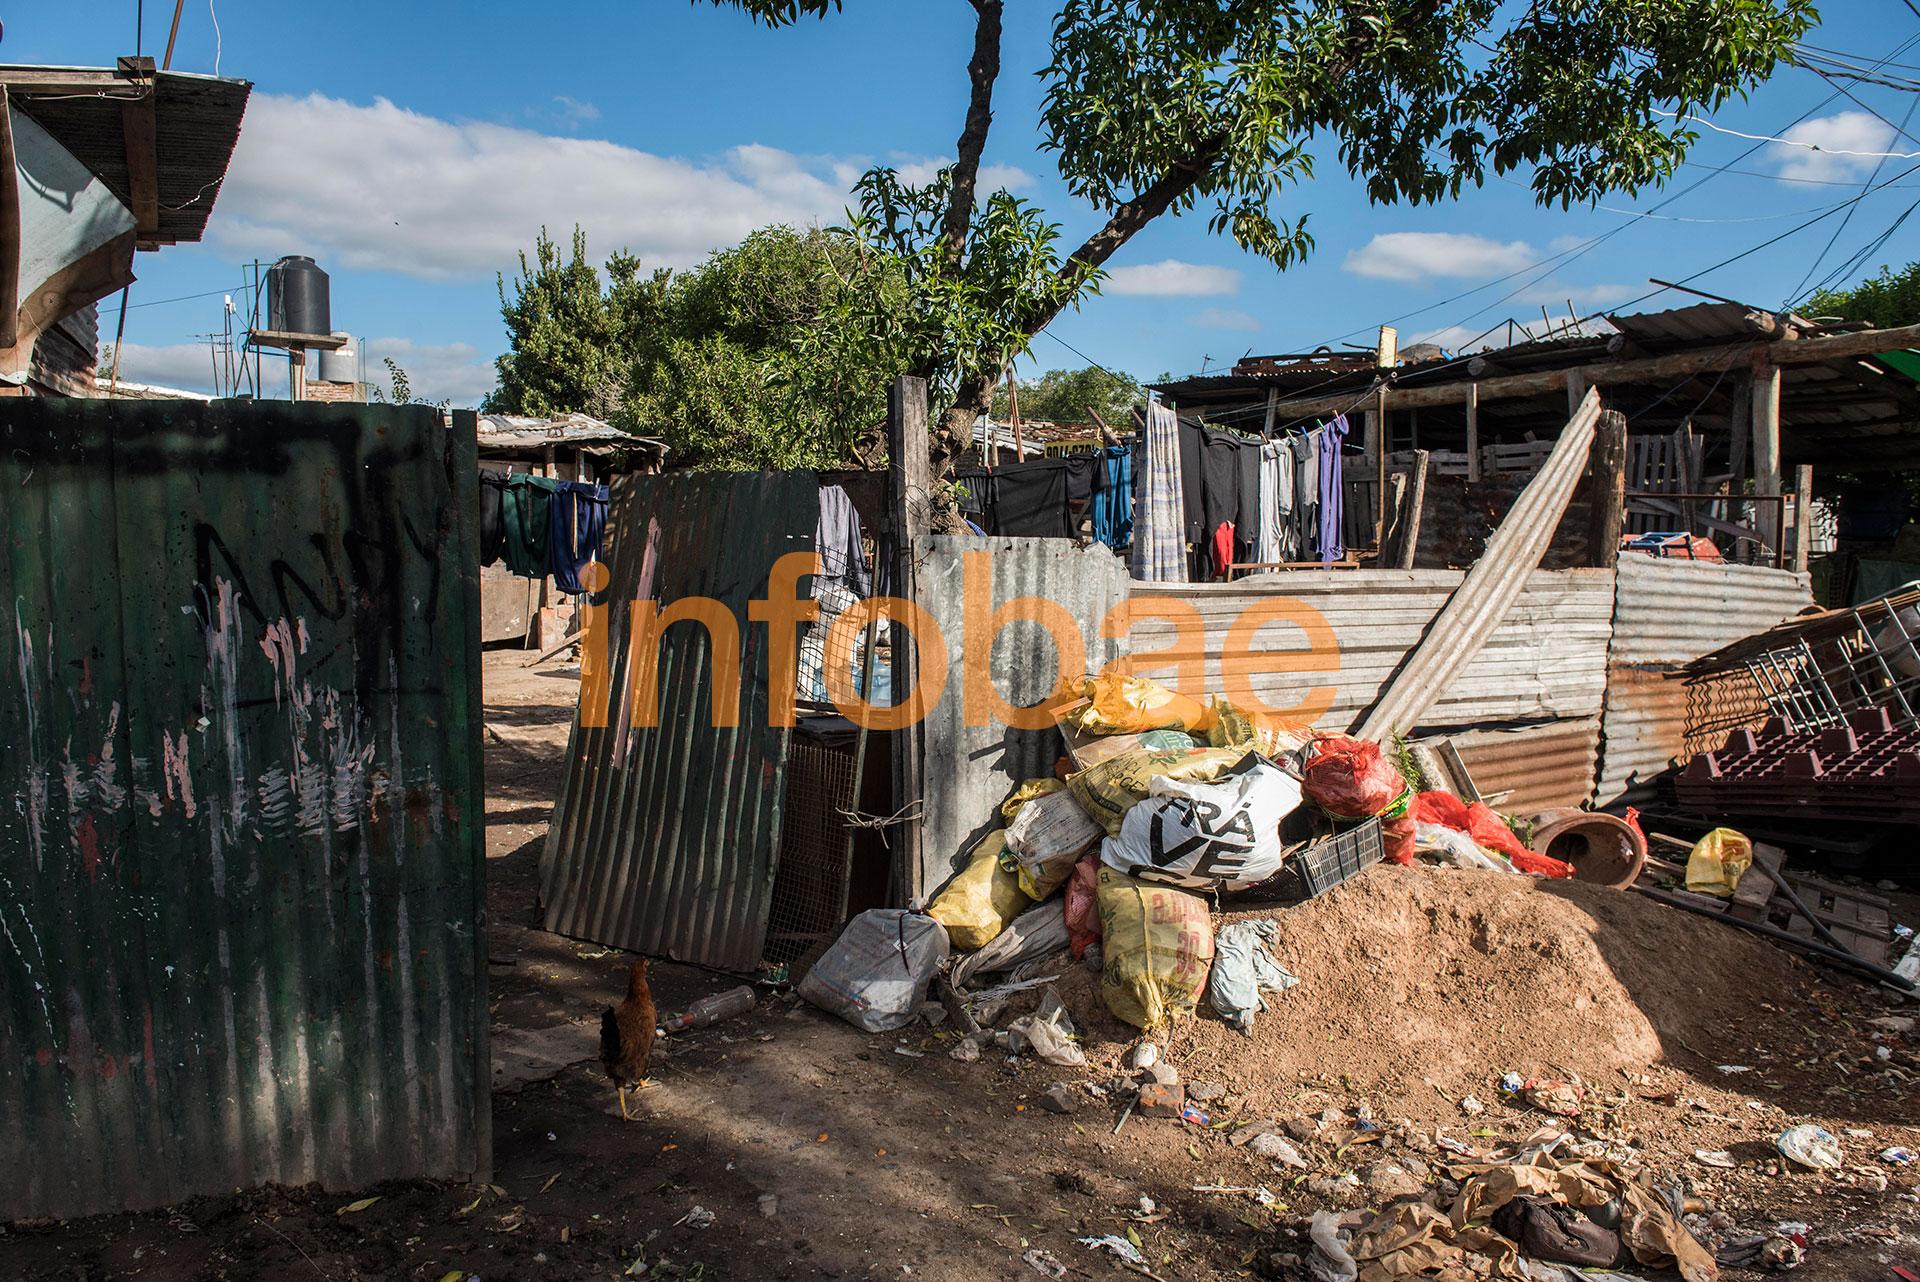 La vivienda de Isabel, tía de la víctima,marca la extrema pobreza en la que viven a diario